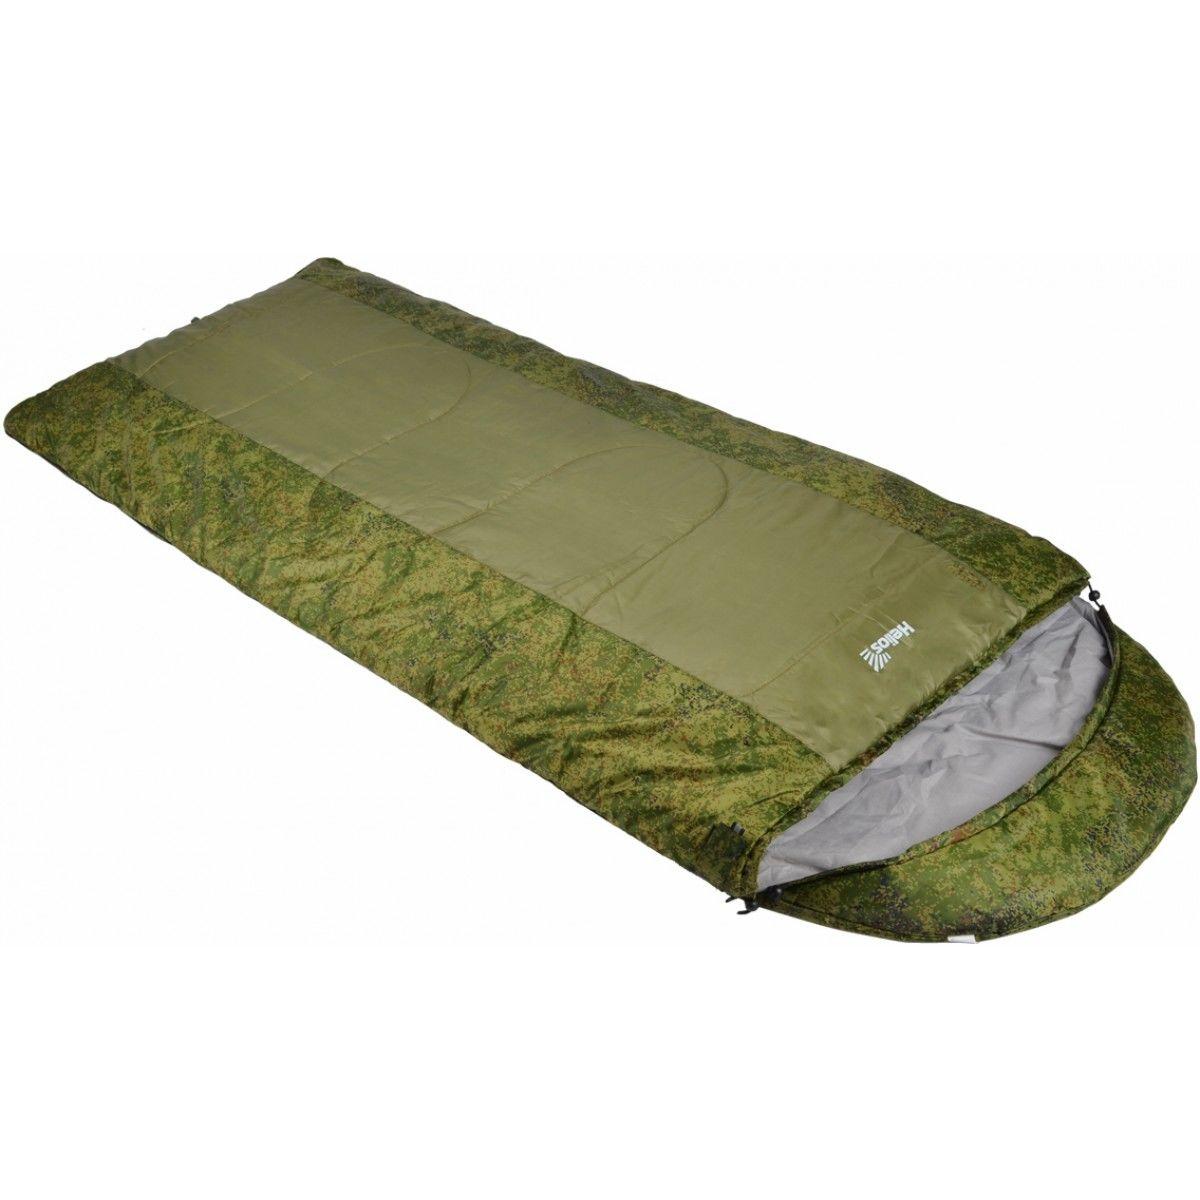 Как выбрать спальный мешок для похода и рыбалки по росту, форме и температуре